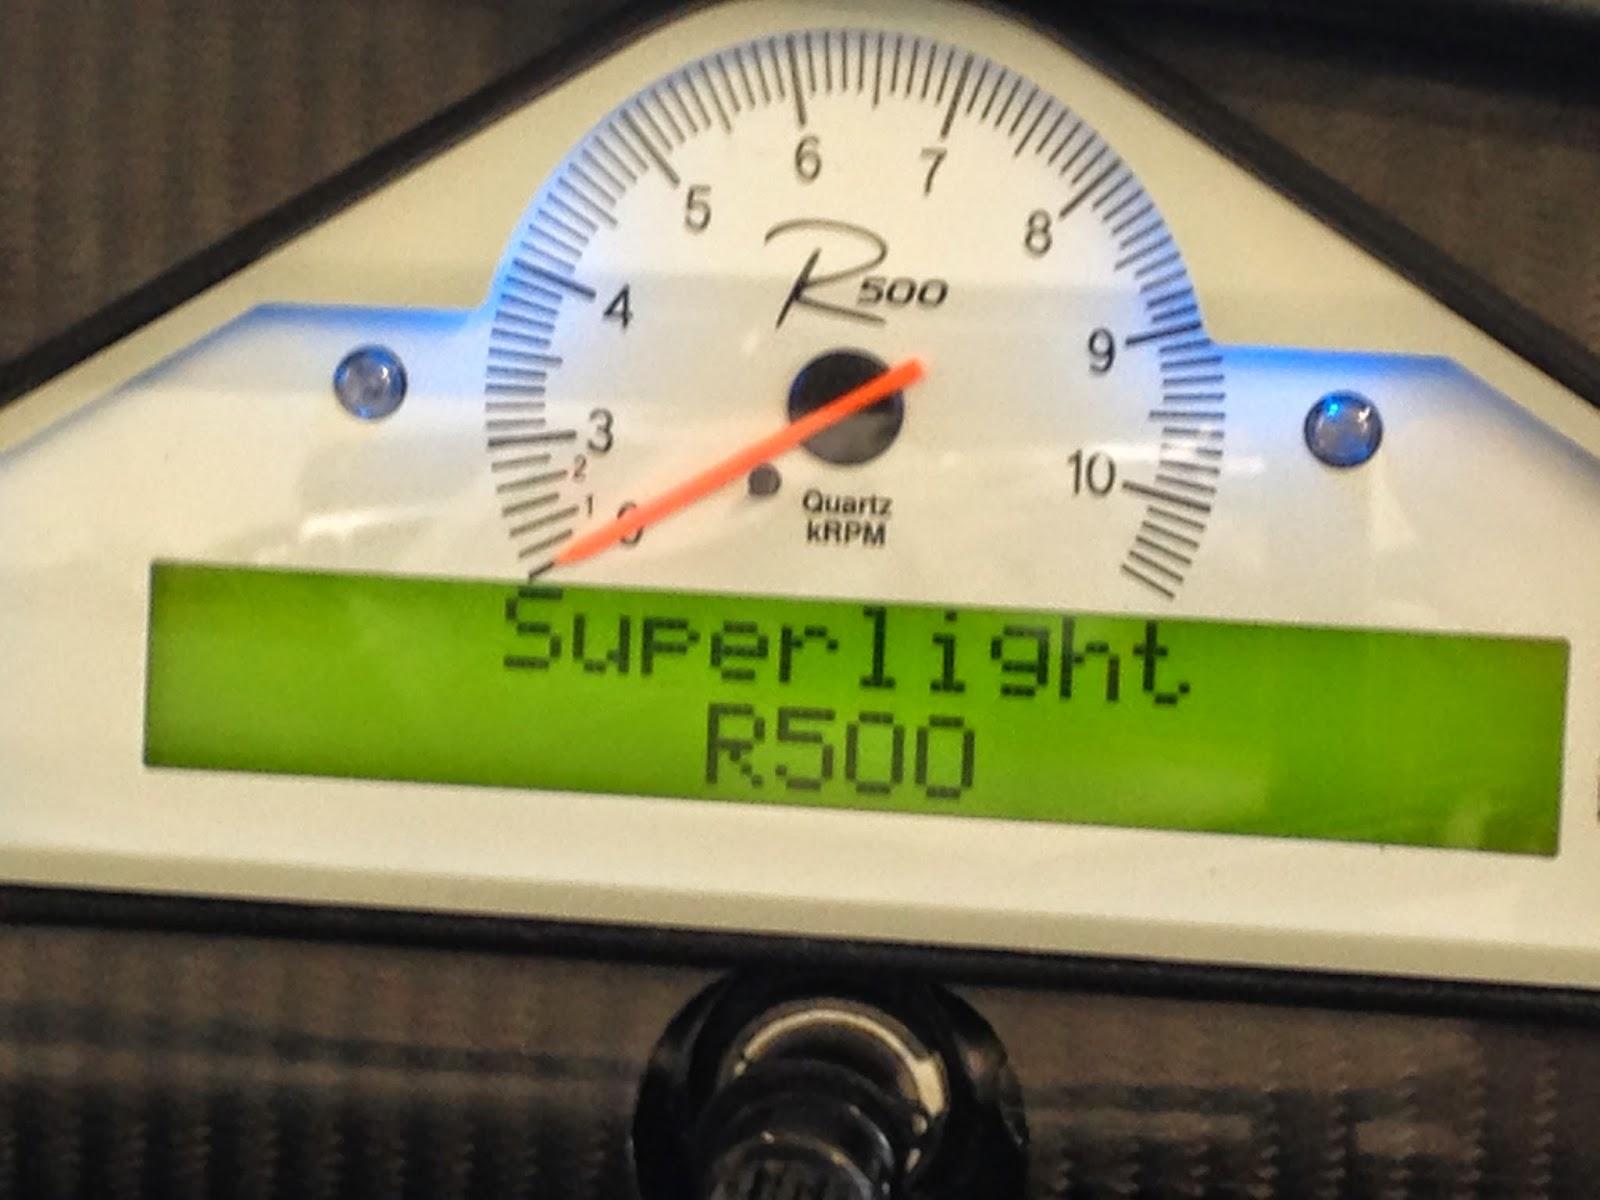 Caterham R500 STACK dash.